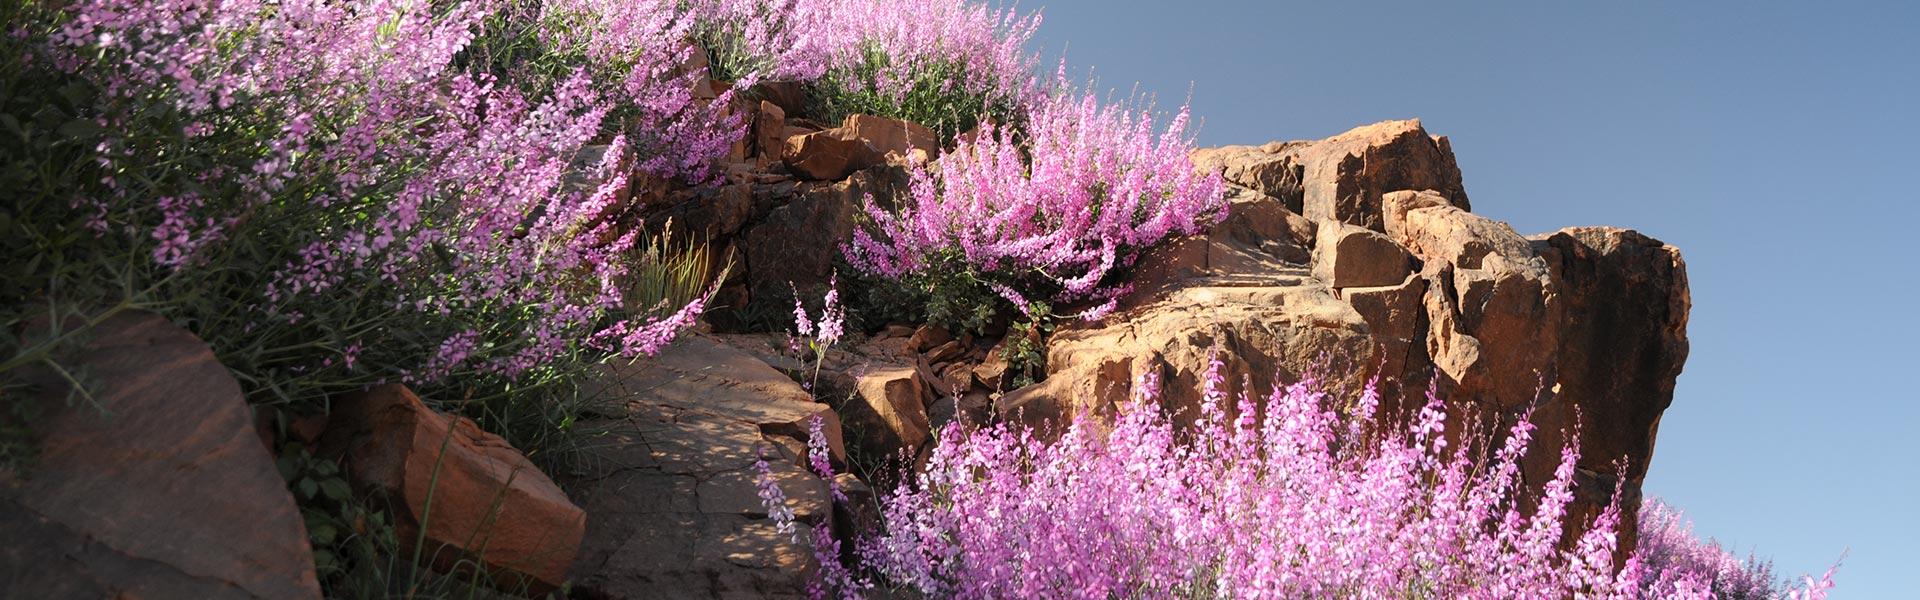 Les fleurs sauvages des montages du haut Atla au Sud Est du Maroc